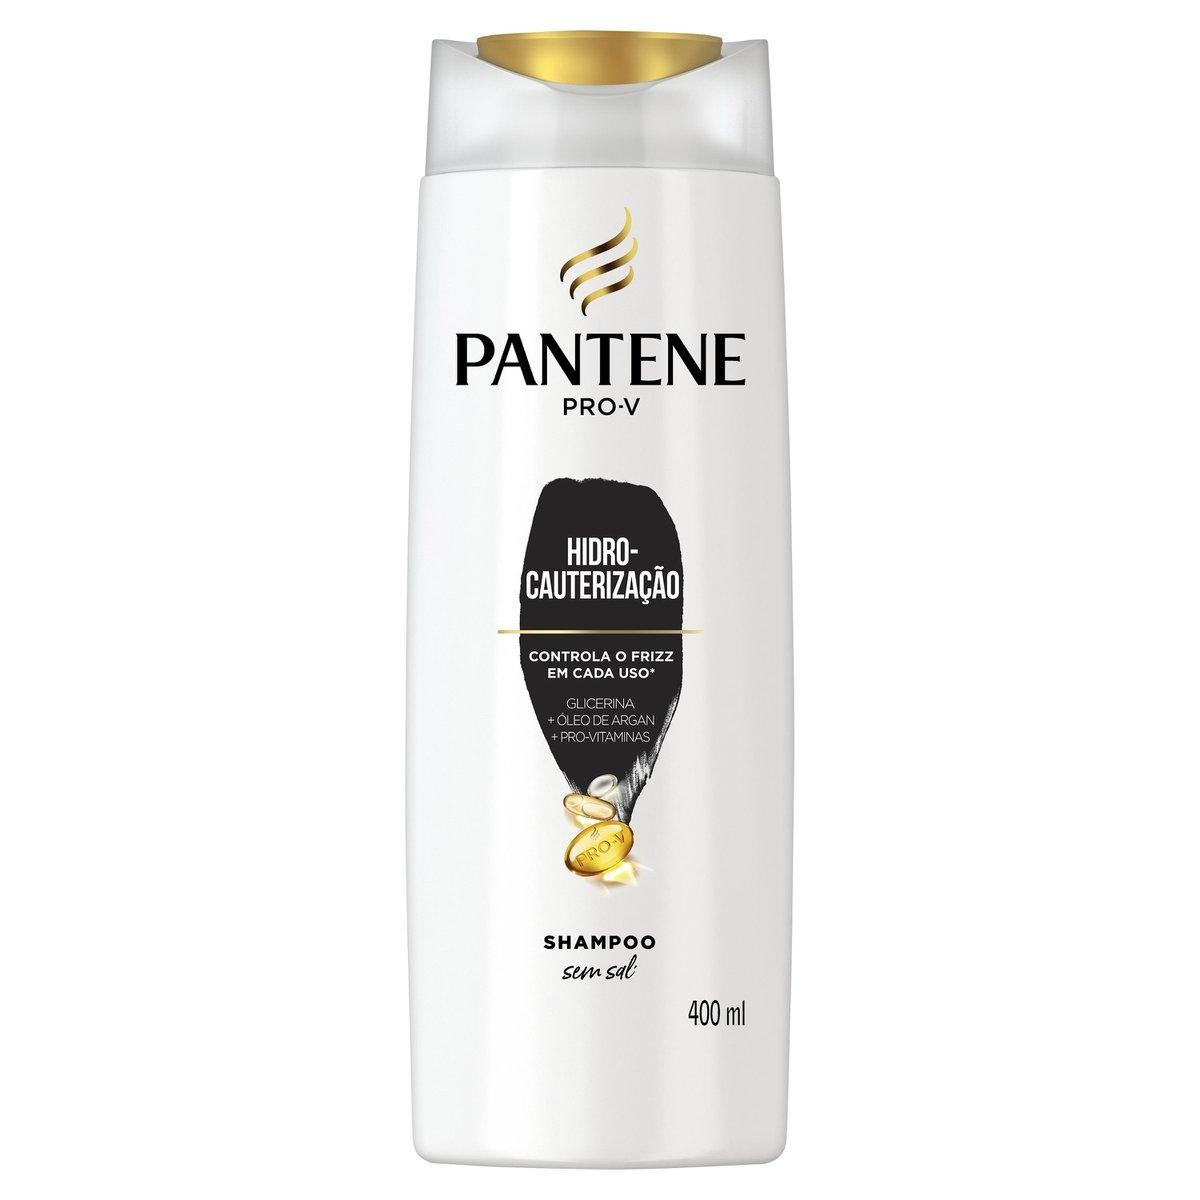 Shampoo Pantene Pro-V Hidro-Cauterização com 400ml 400ml